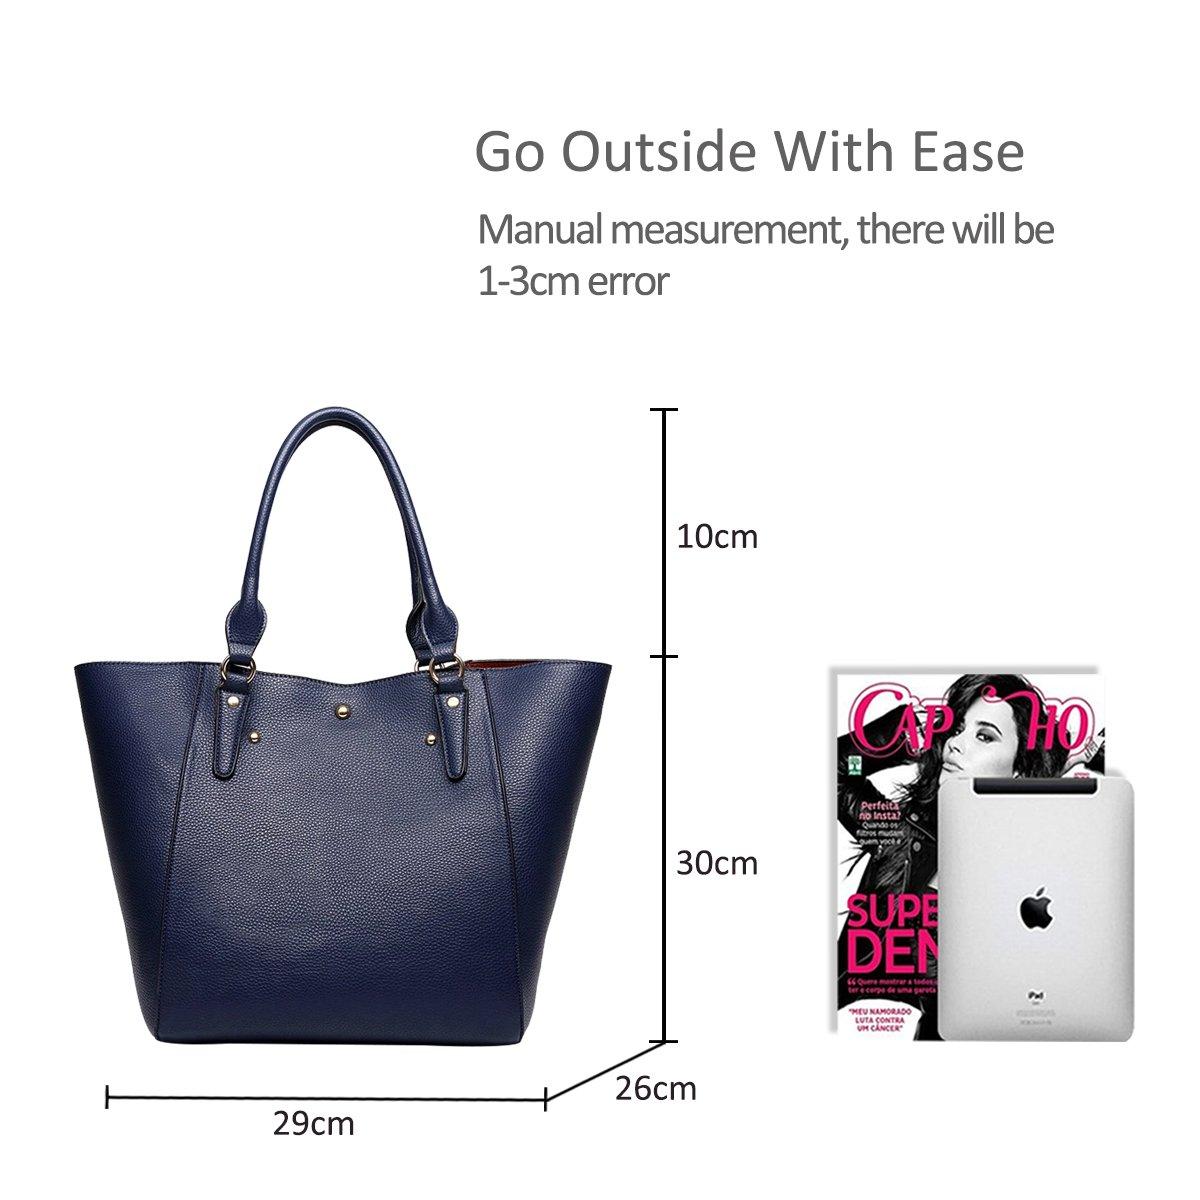 NICOLE/&DORIS Women Tote bag Handbag Shoulder Bag Women Purse 2PCS Bag